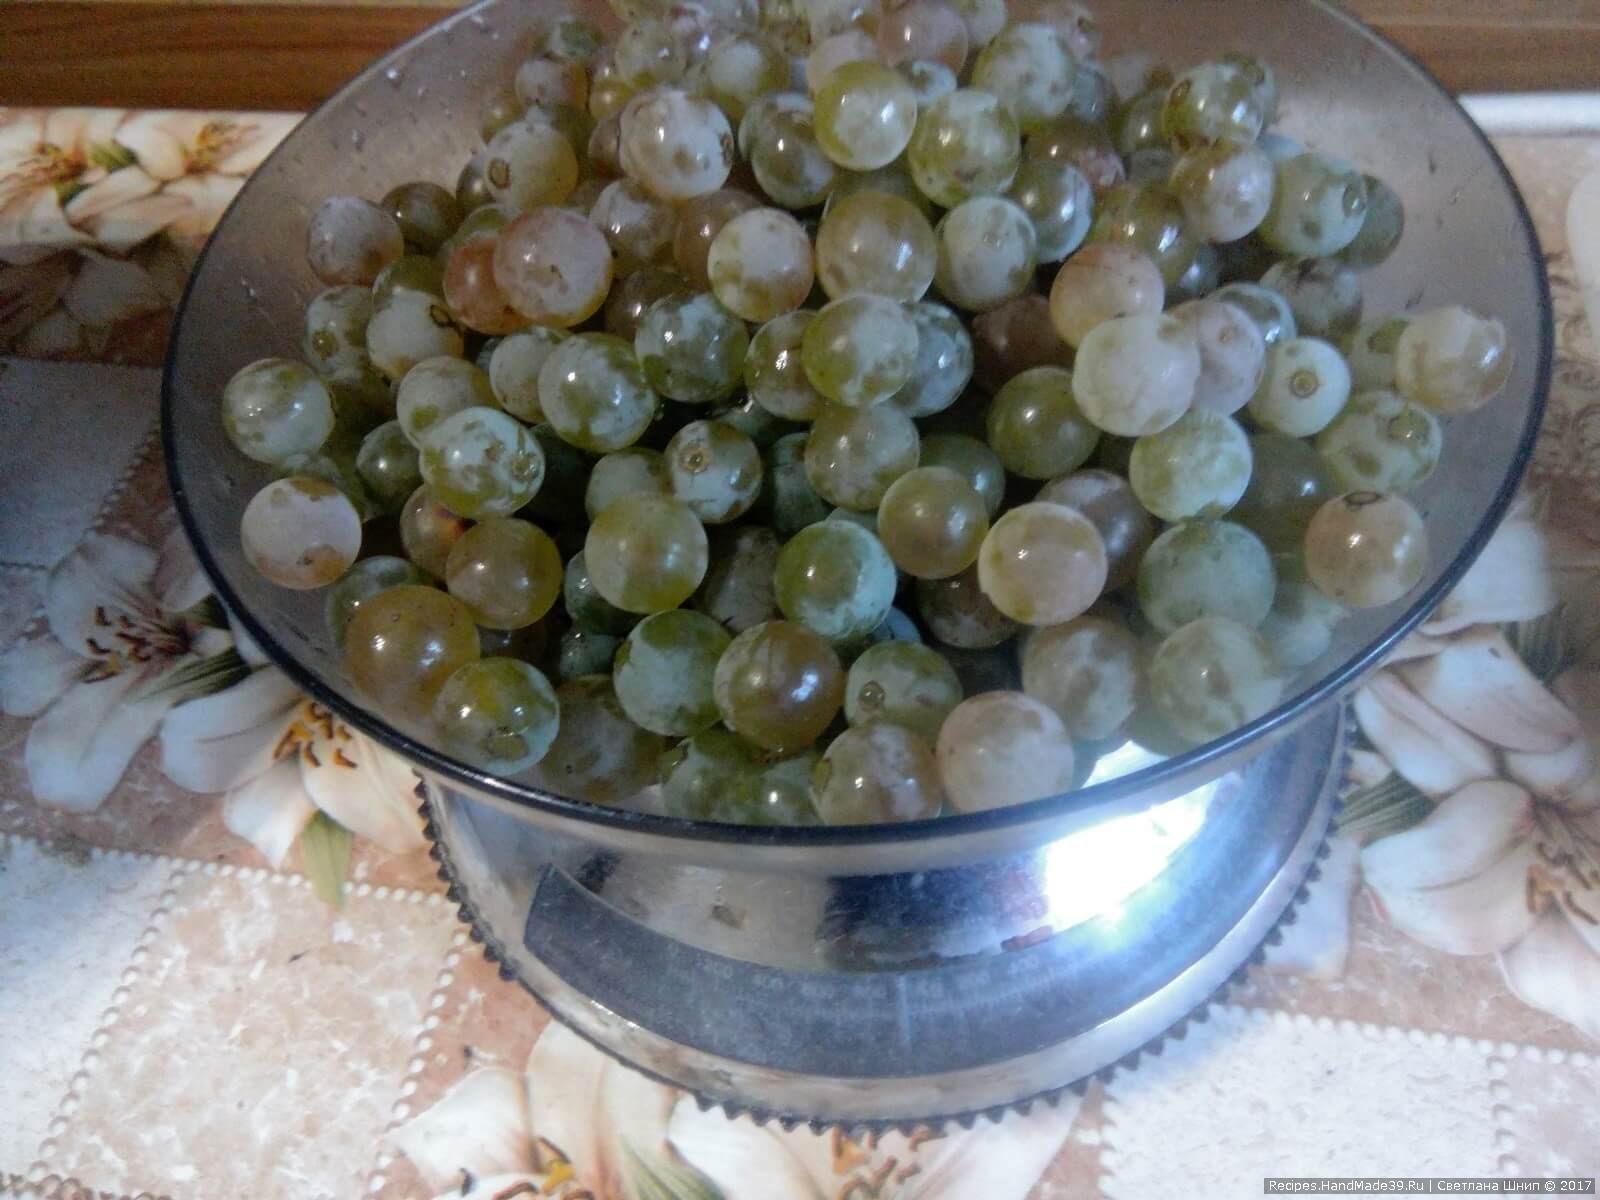 Домашнее вино из зелёного винограда – фото шаг 1. Виноград тщательно перебрать, удалить все порченые плоды. Оставшиеся ягоды оборвать с веточек и сложить в отдельную чистую неметаллическую посуду